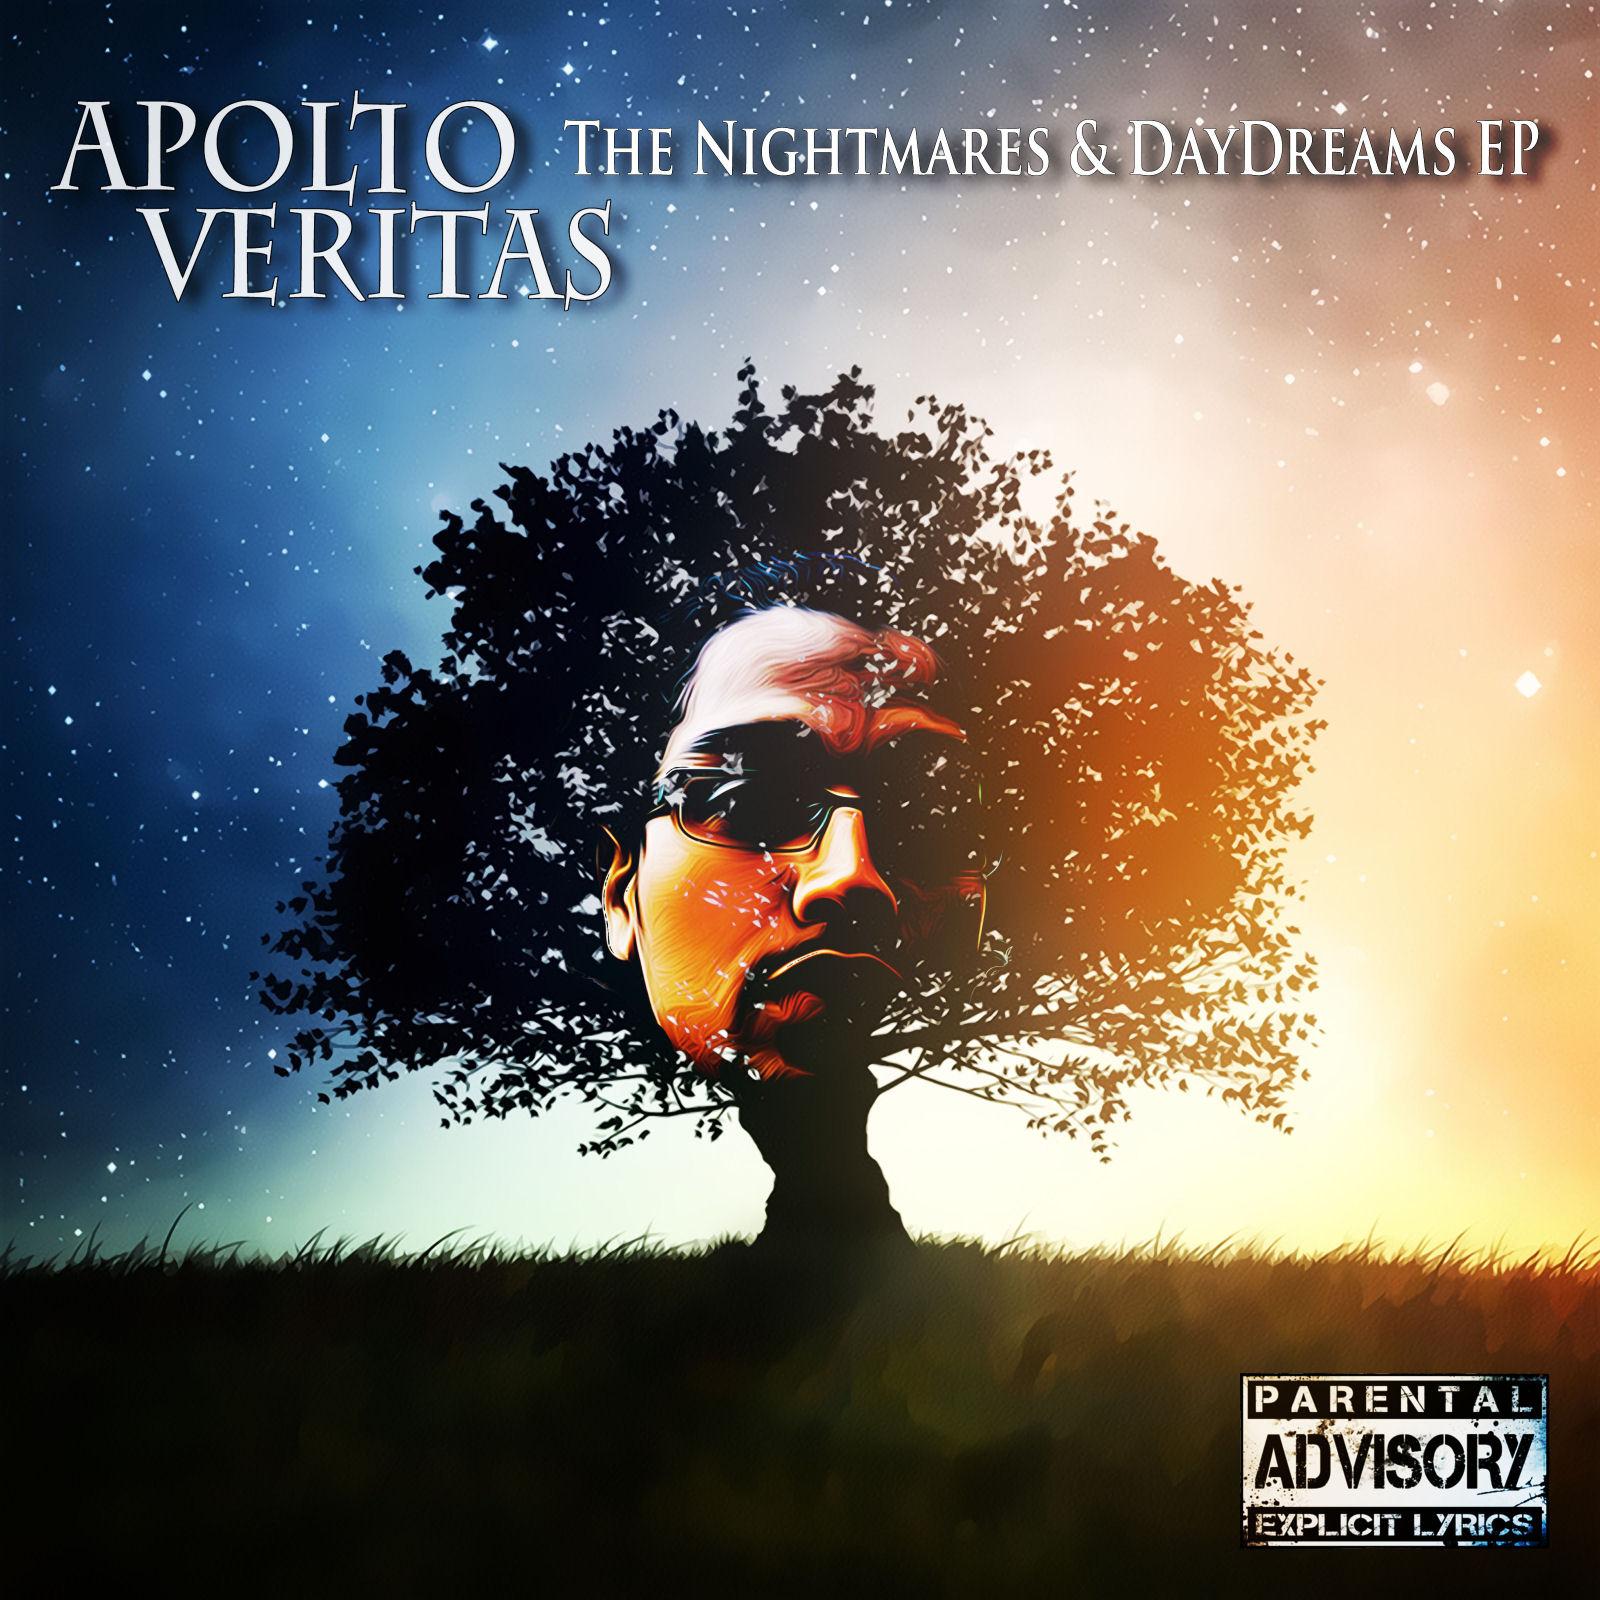 Apollo Veritas – The Nightmares & Daydreams EP